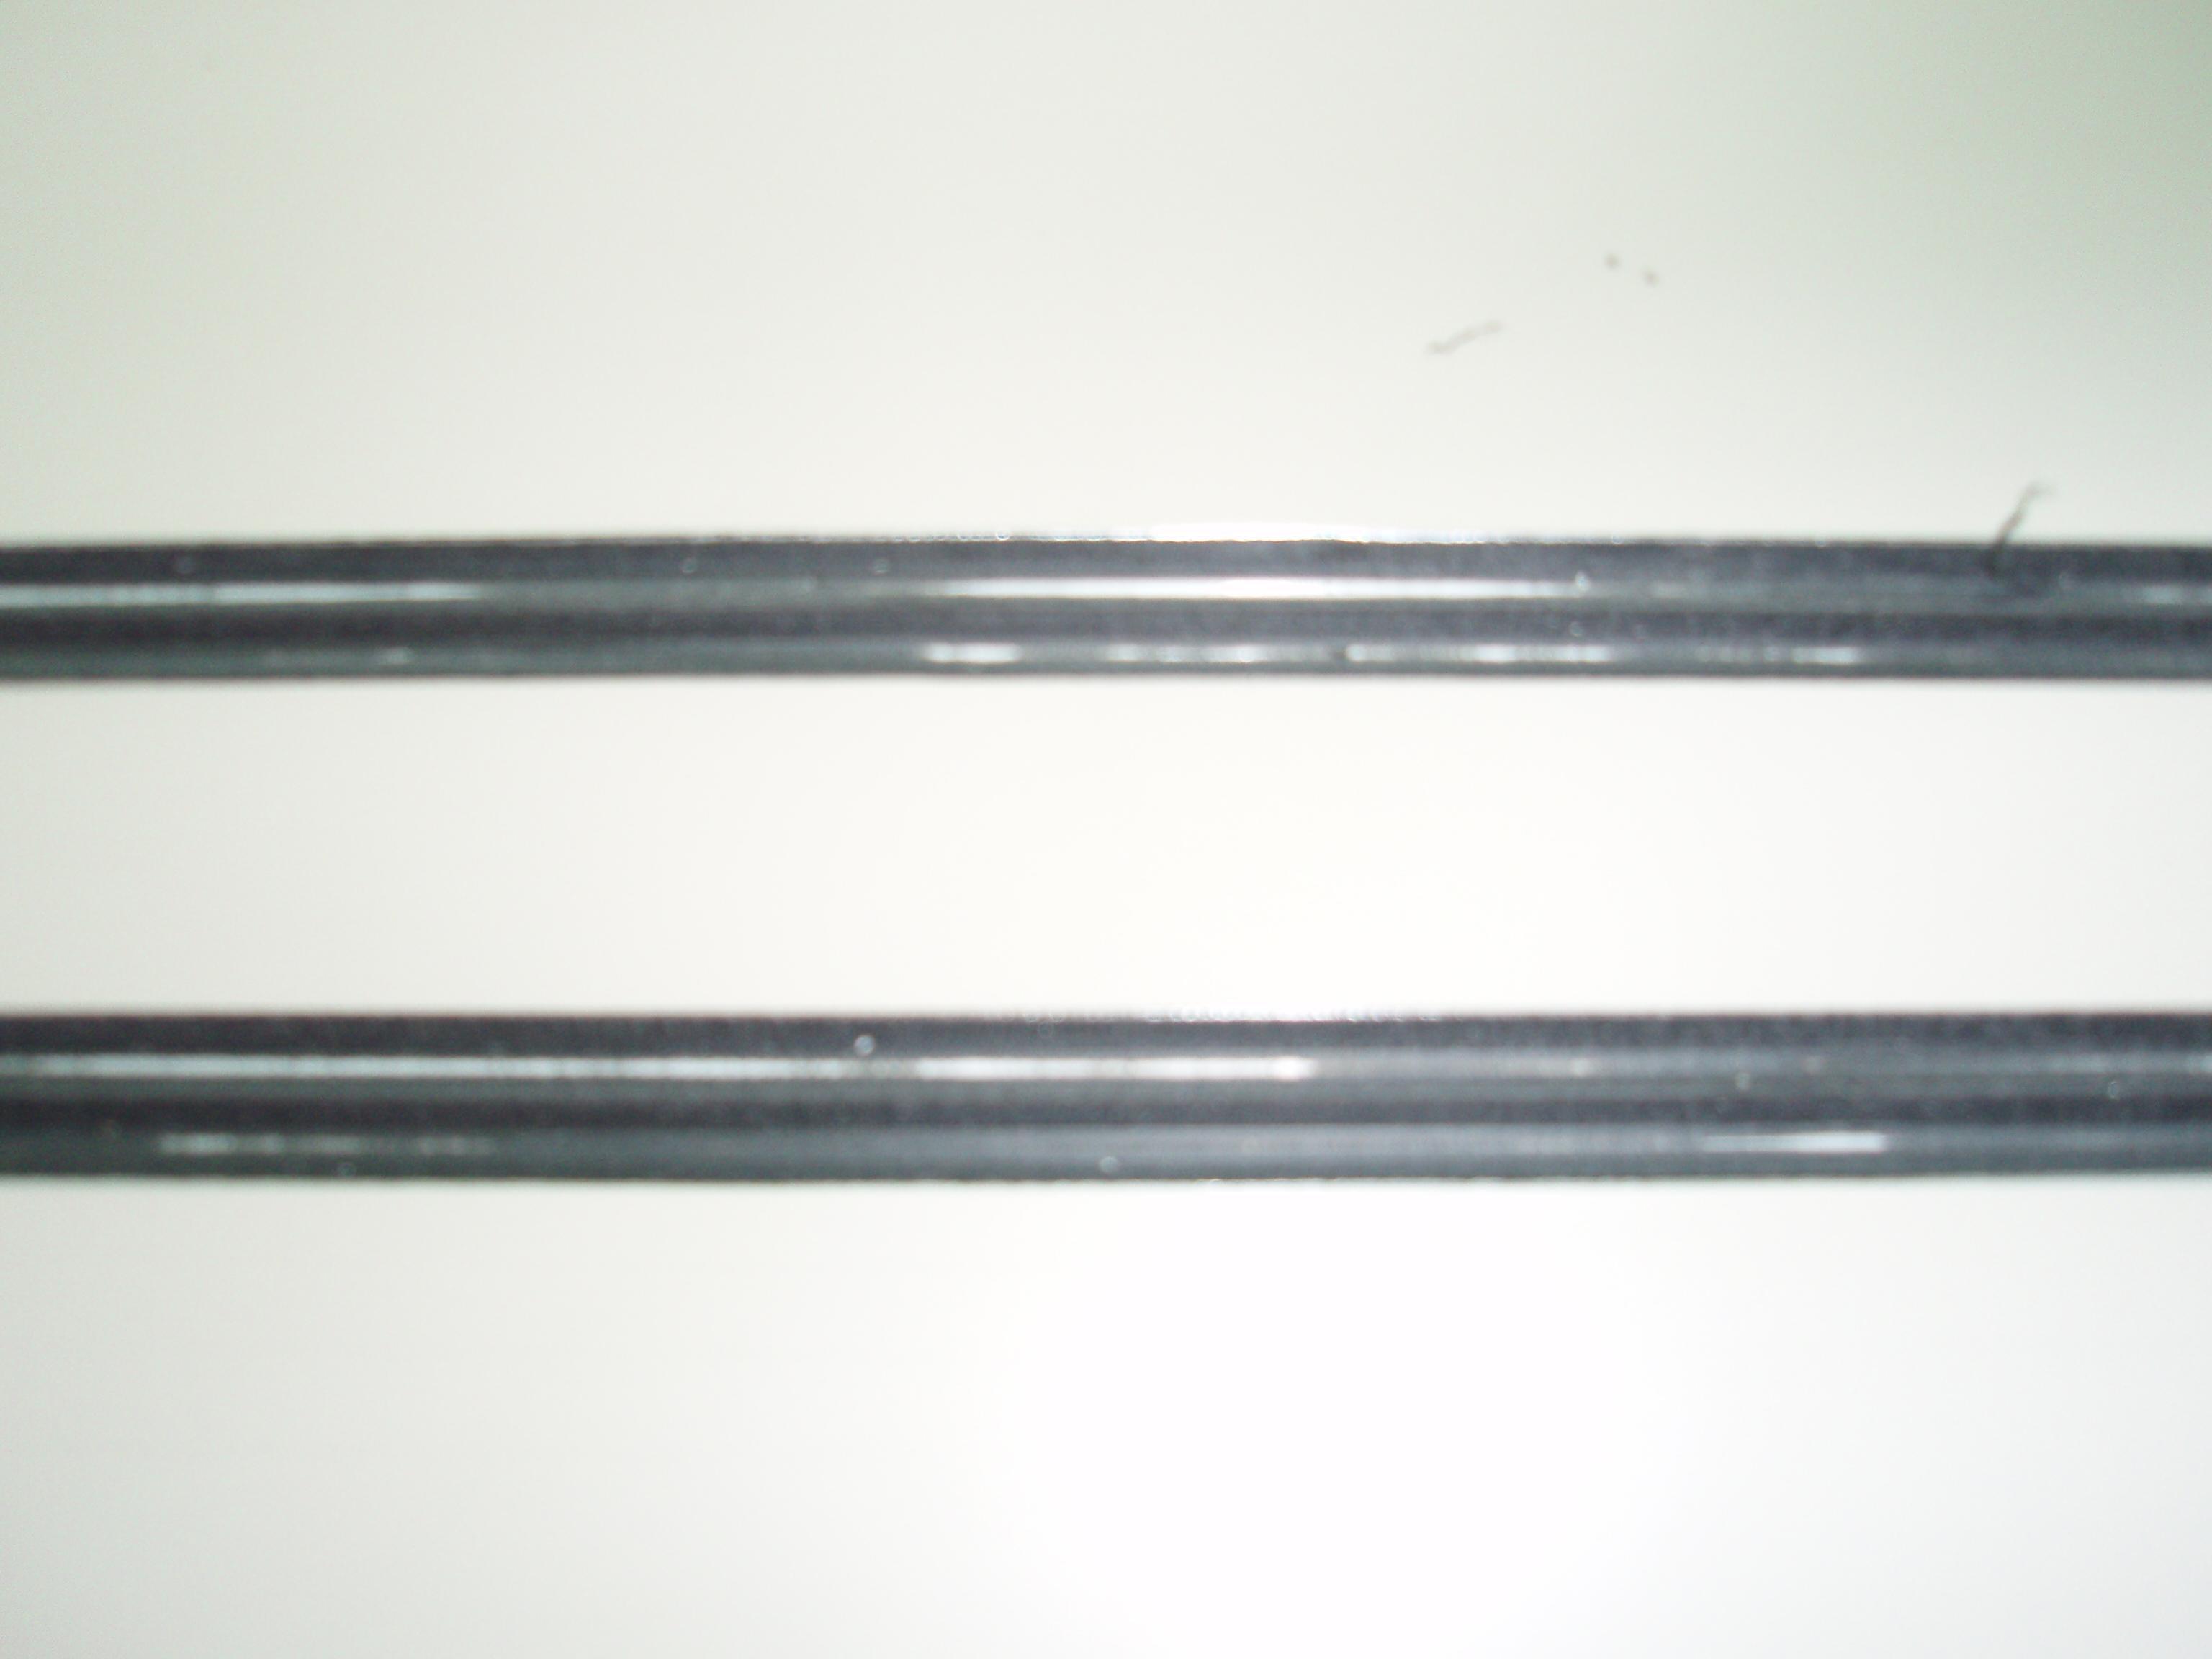 Фрезеровка листа композита двойной проход с расстоянием 12 мм